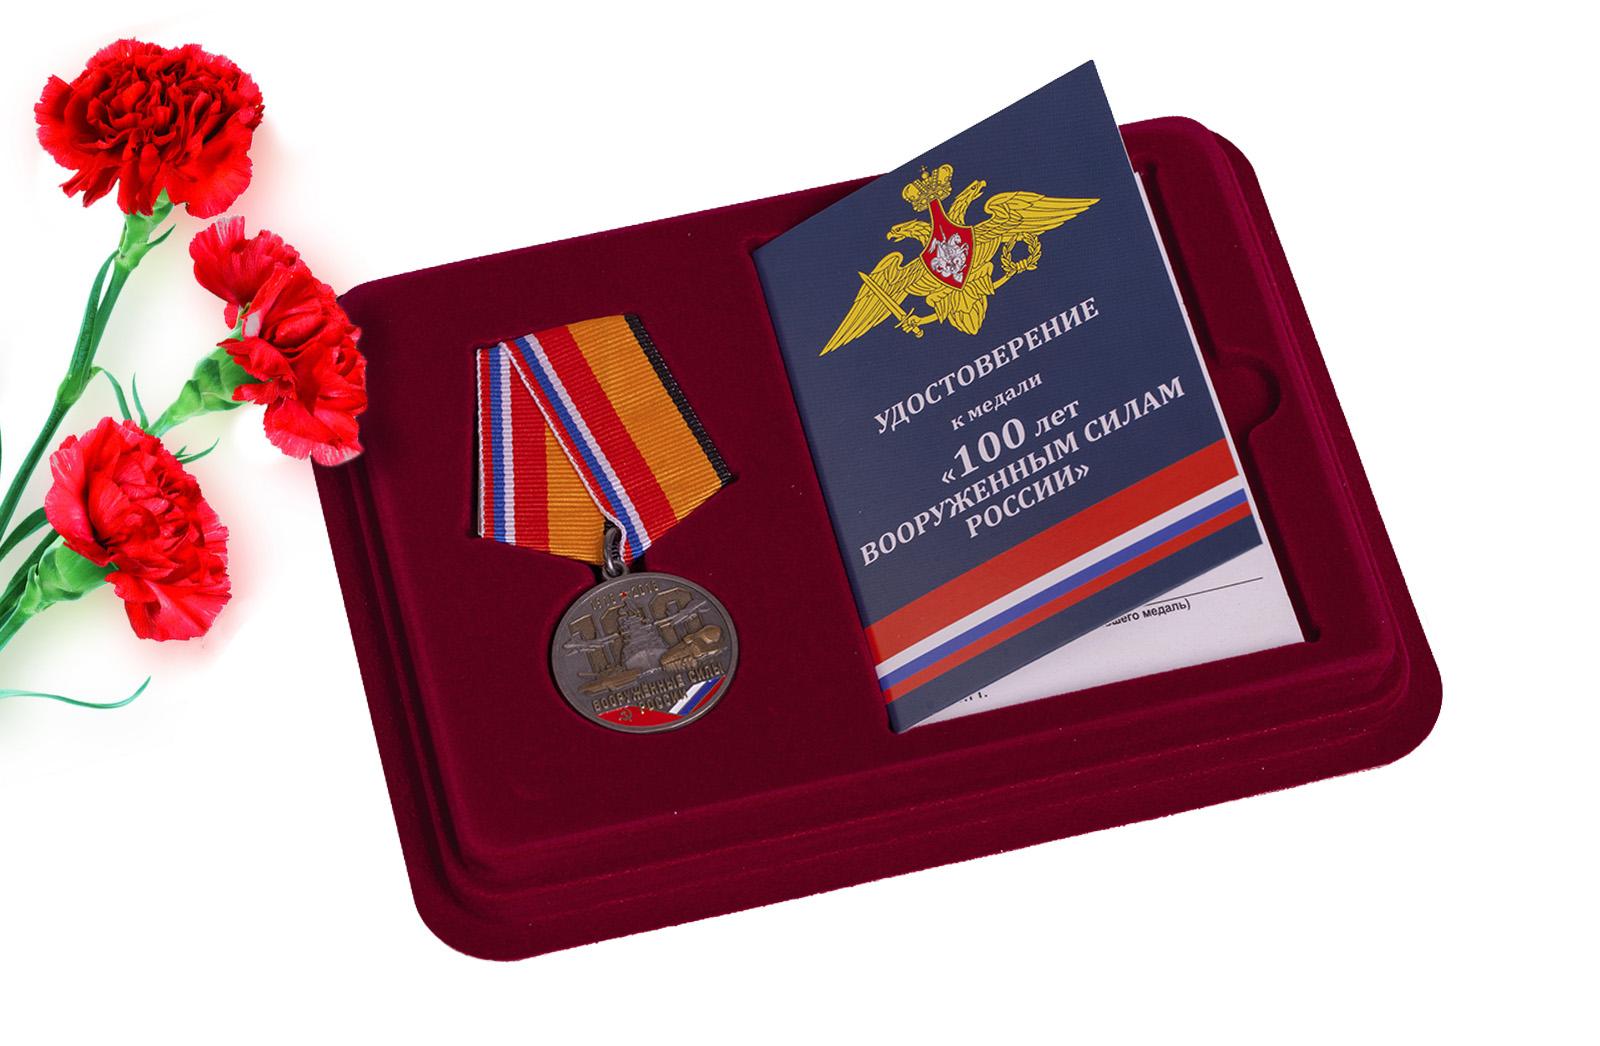 Купить общественную медаль 100 лет Вооружённым силам России по низкой цене